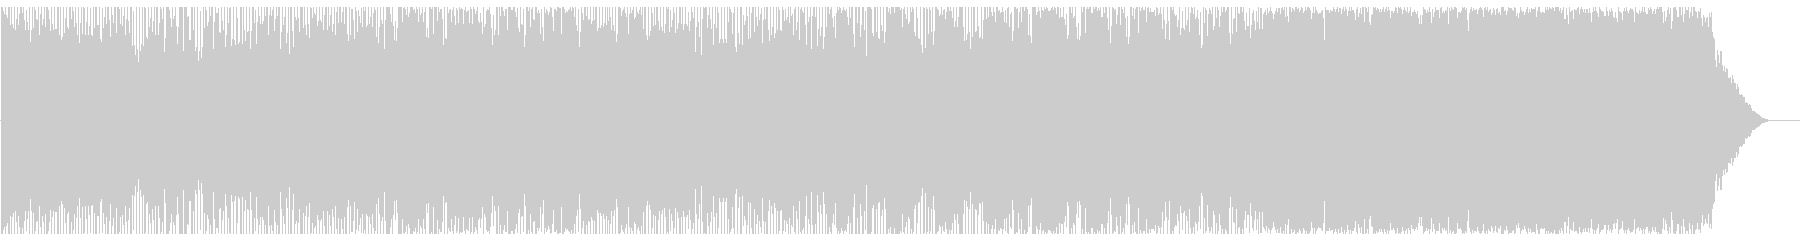 ロッキングオルタナティブソングはフ...の未再生の波形